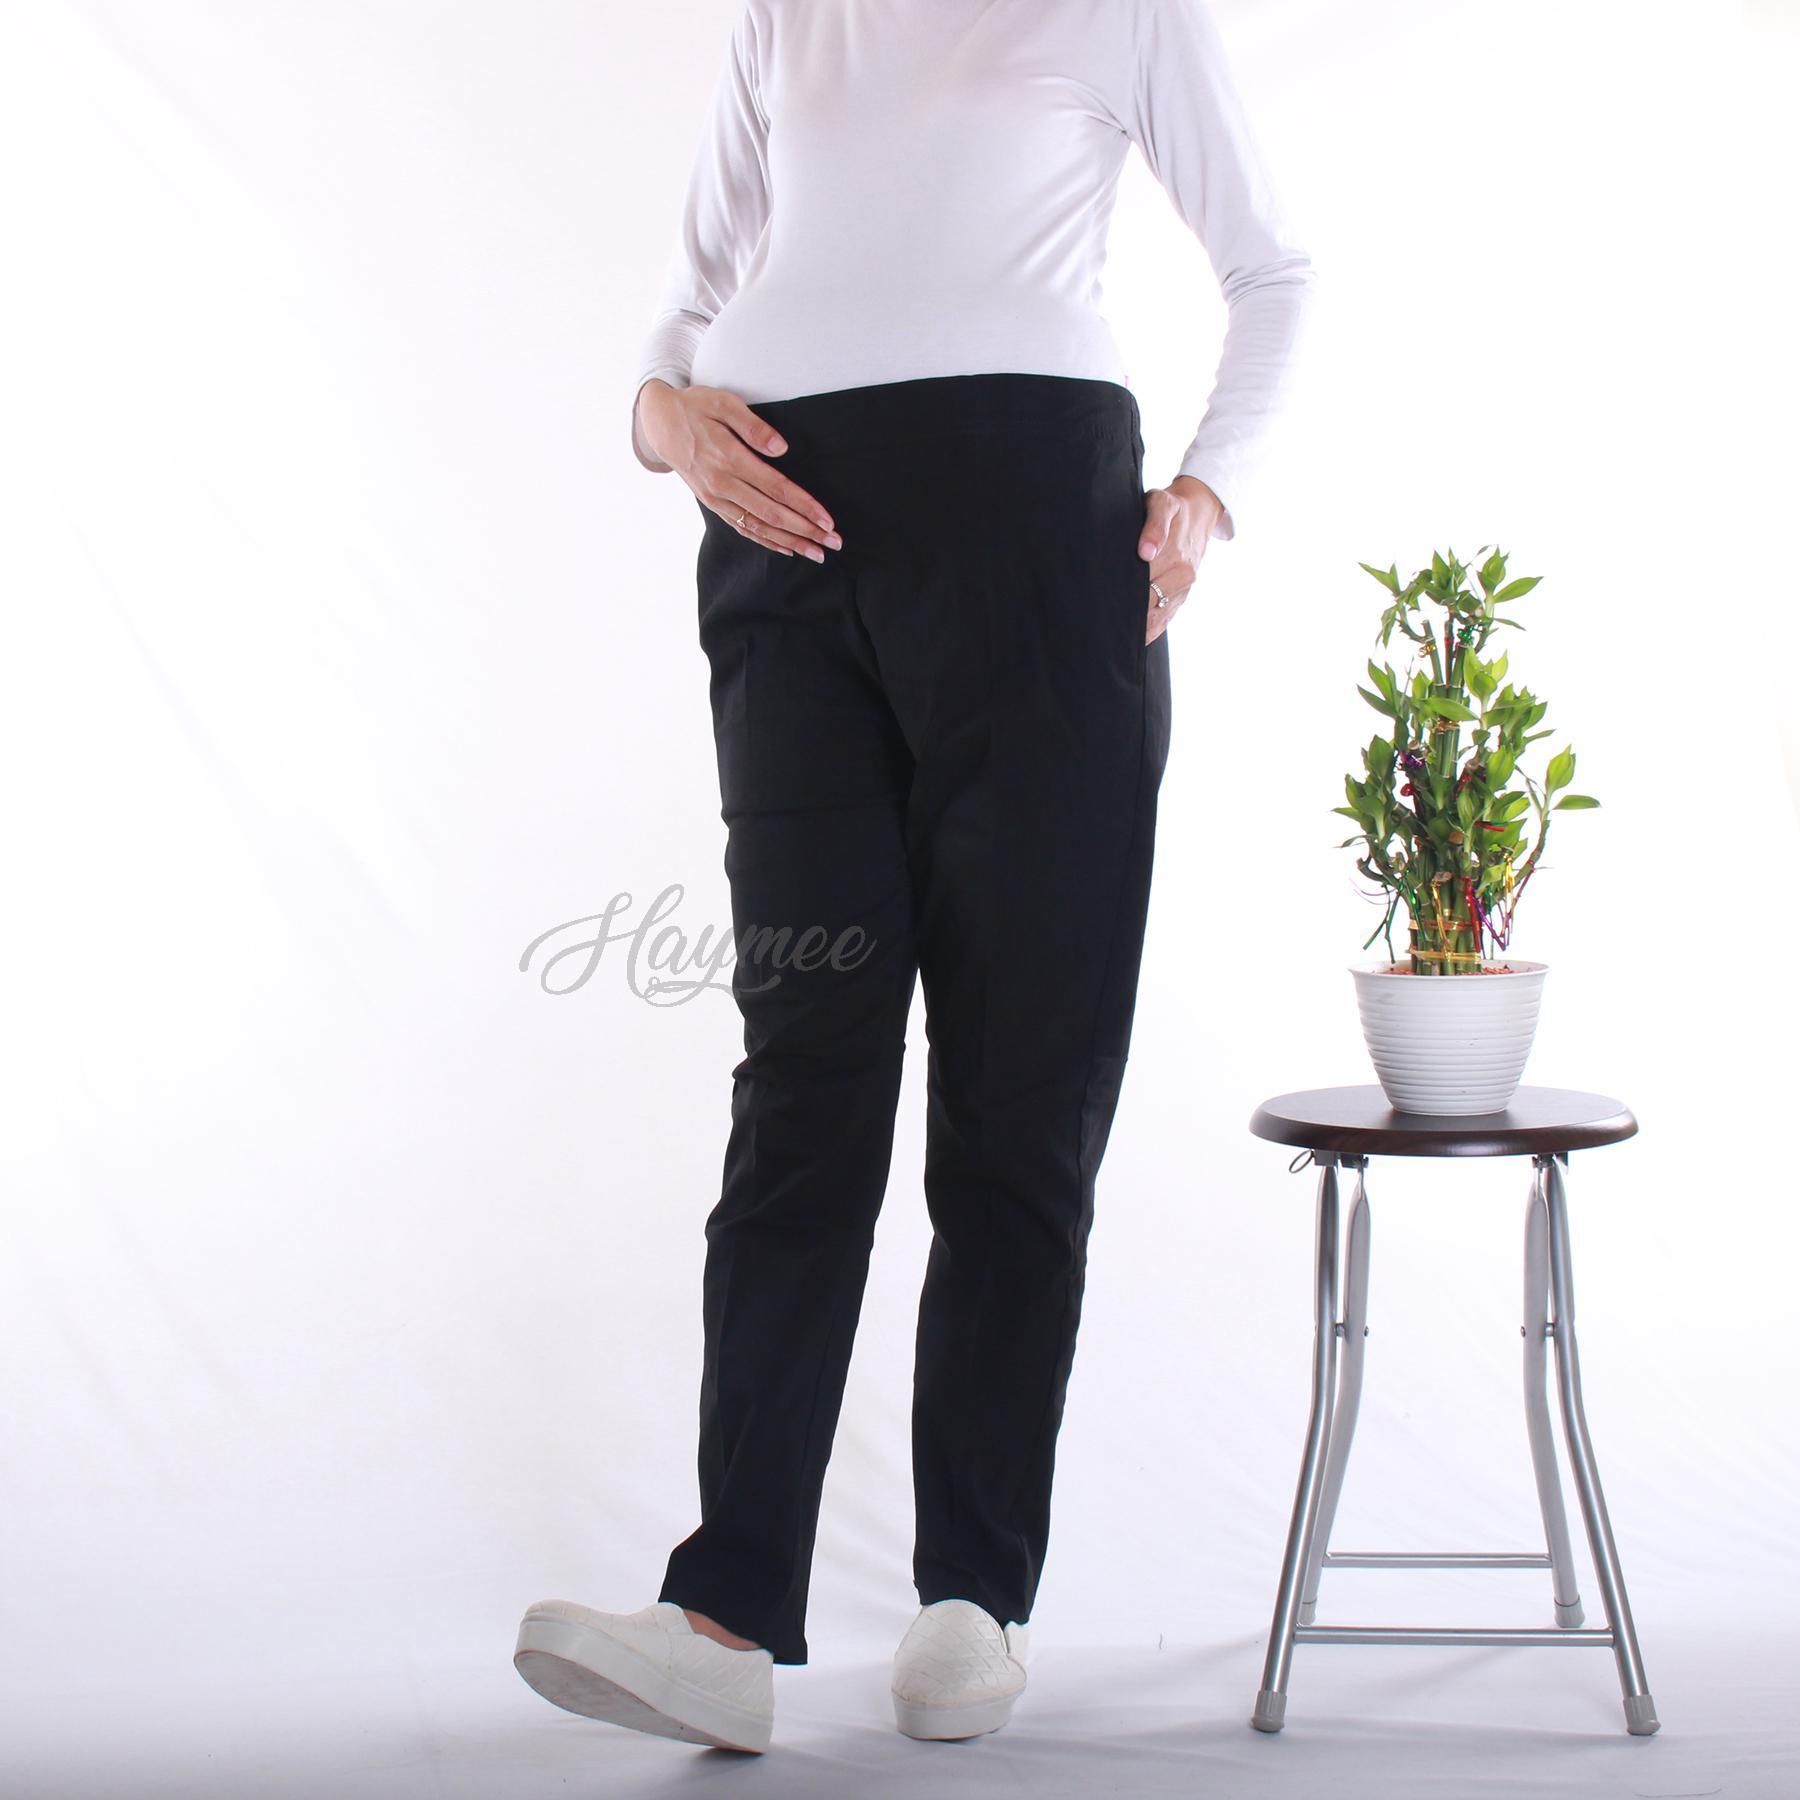 Mama Hamil Butik Cdh 01 Xl Celana Dalam Sorex Review Harga  Cdh37 Haymeestore Wanita Kerja Bumil Jumbo Ibu Katun Stech Tc Import Pemium